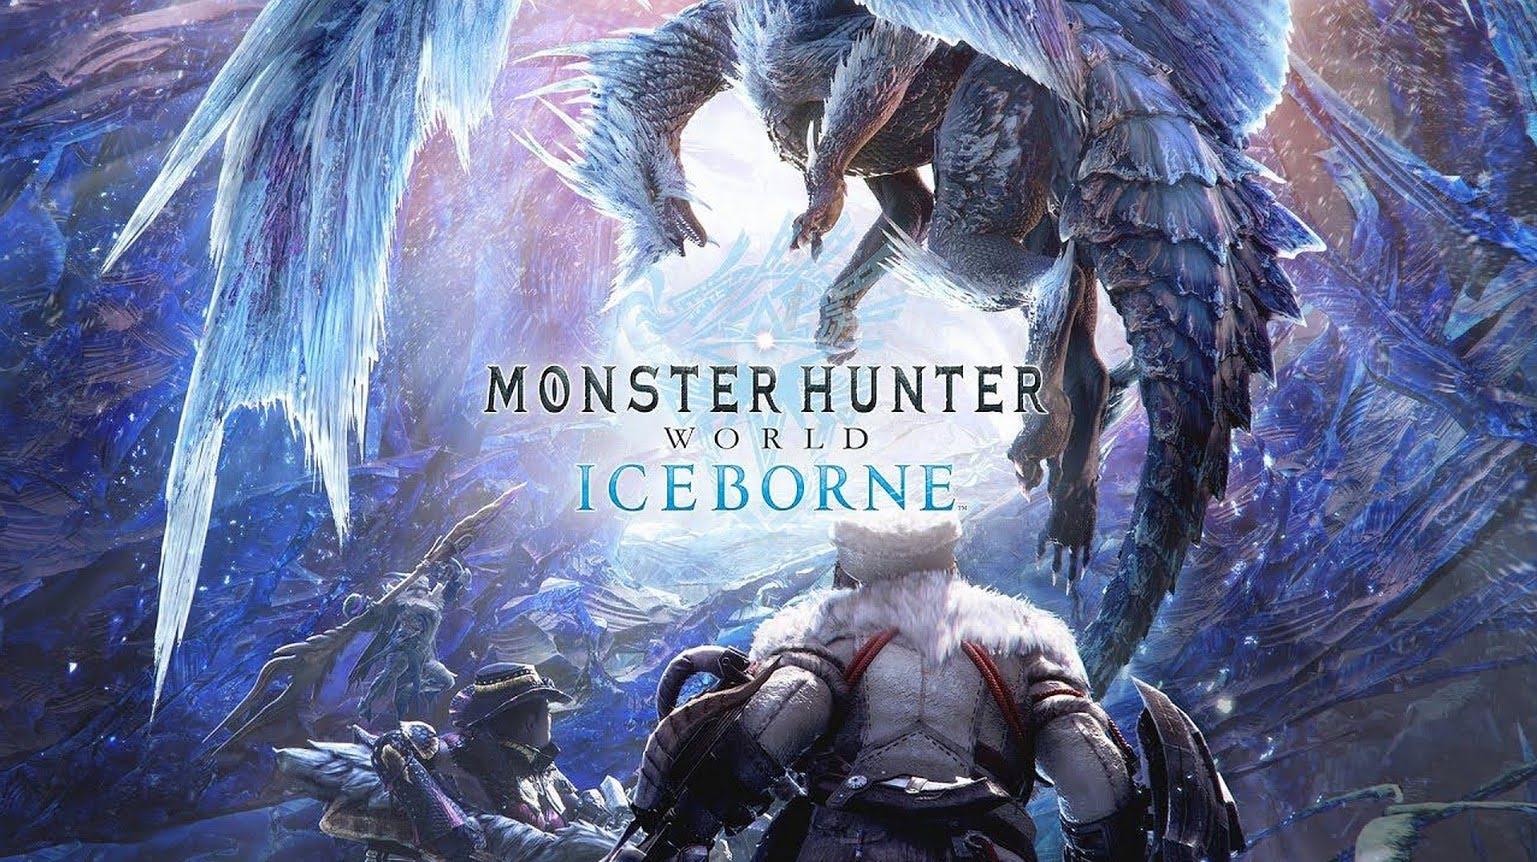 iceborne trailer reveals